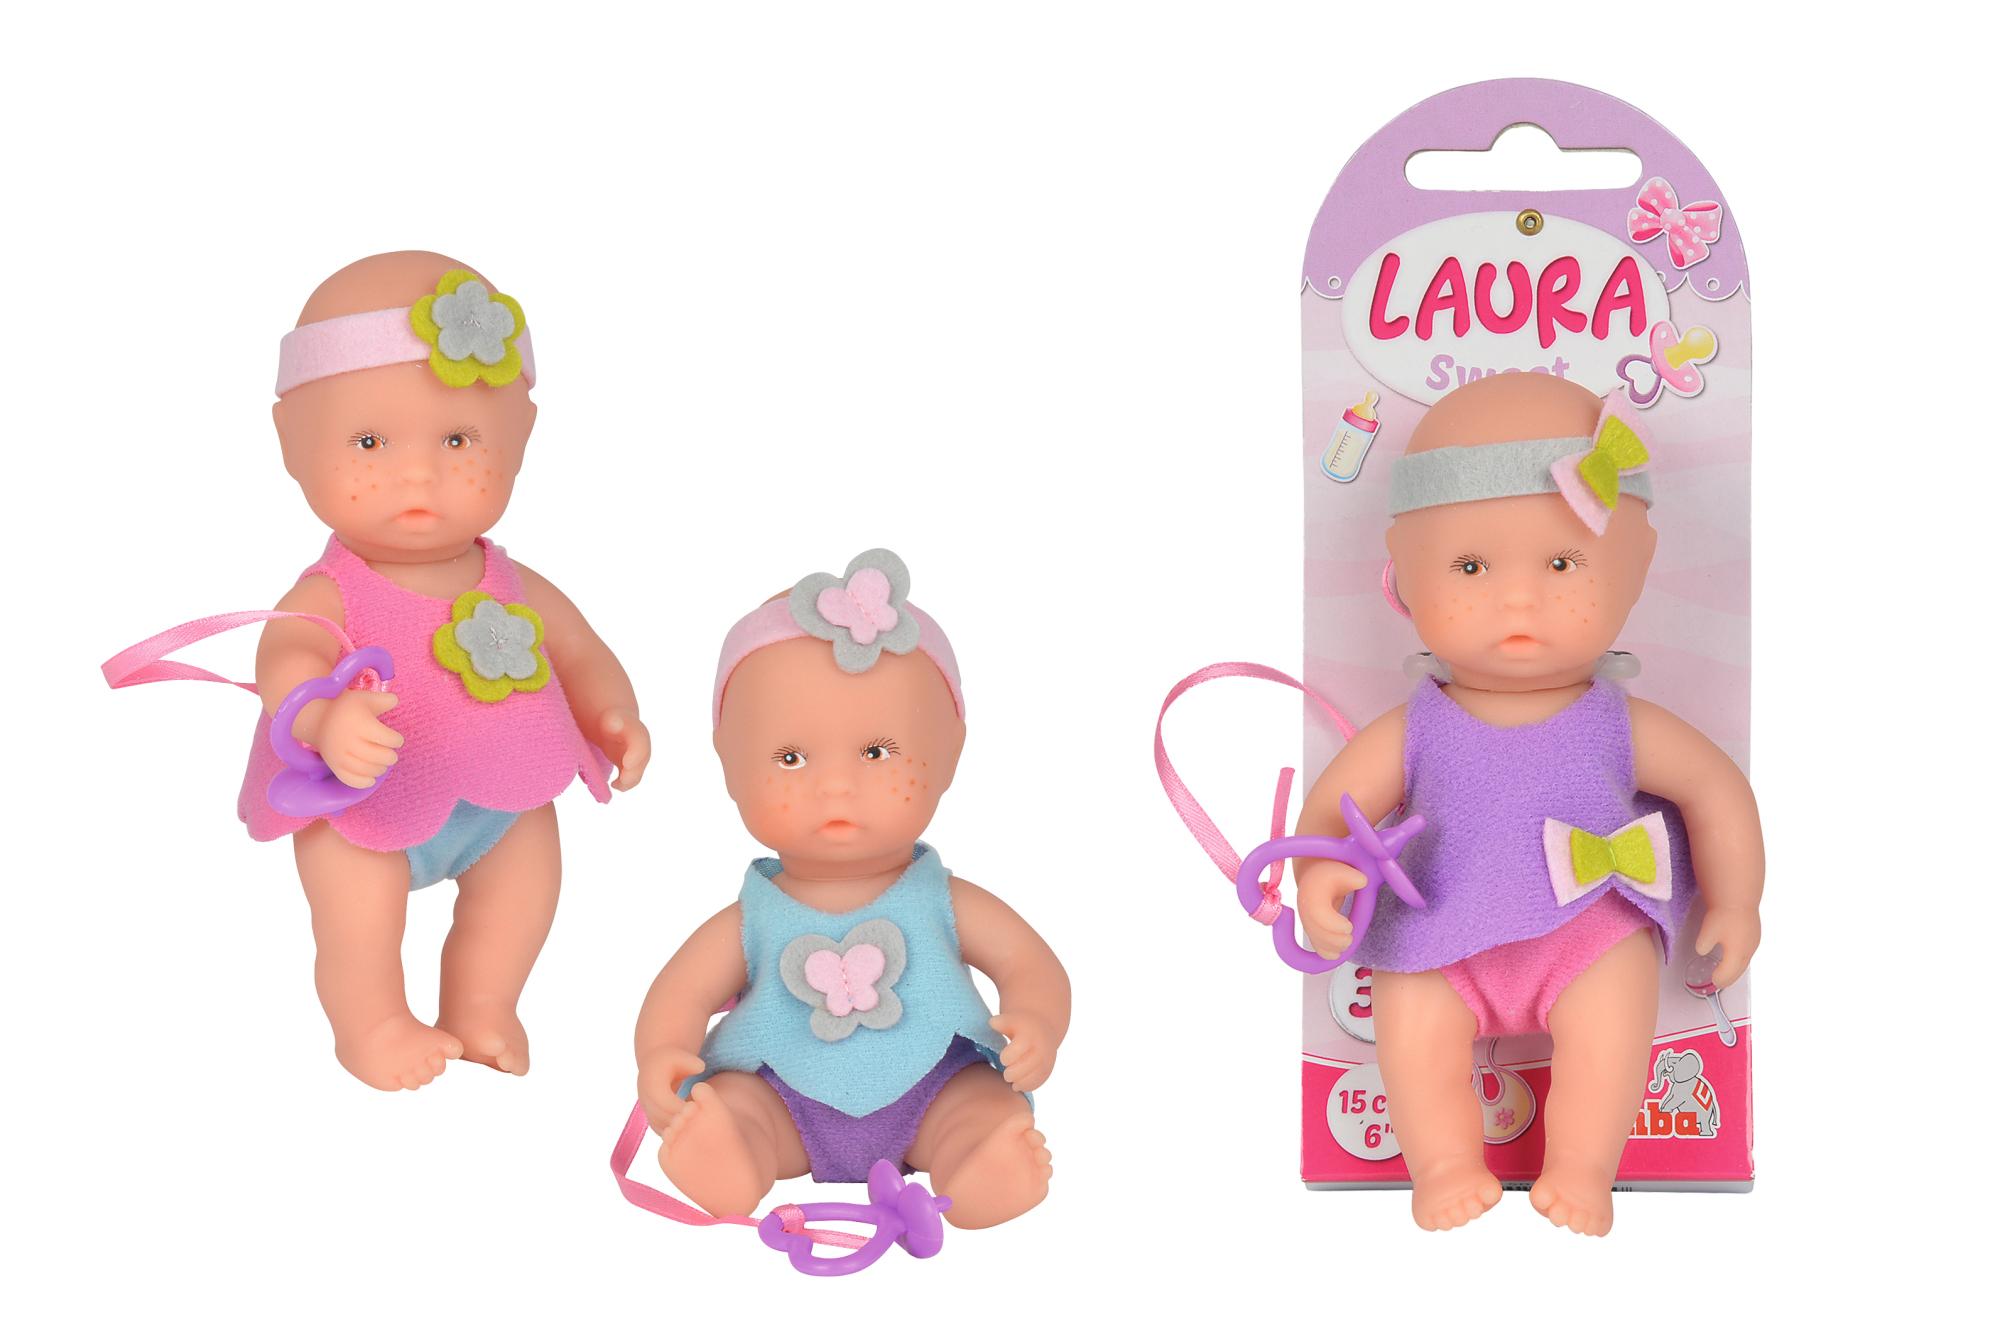 Laura niedliches Baby Puppe 15cm 3fs